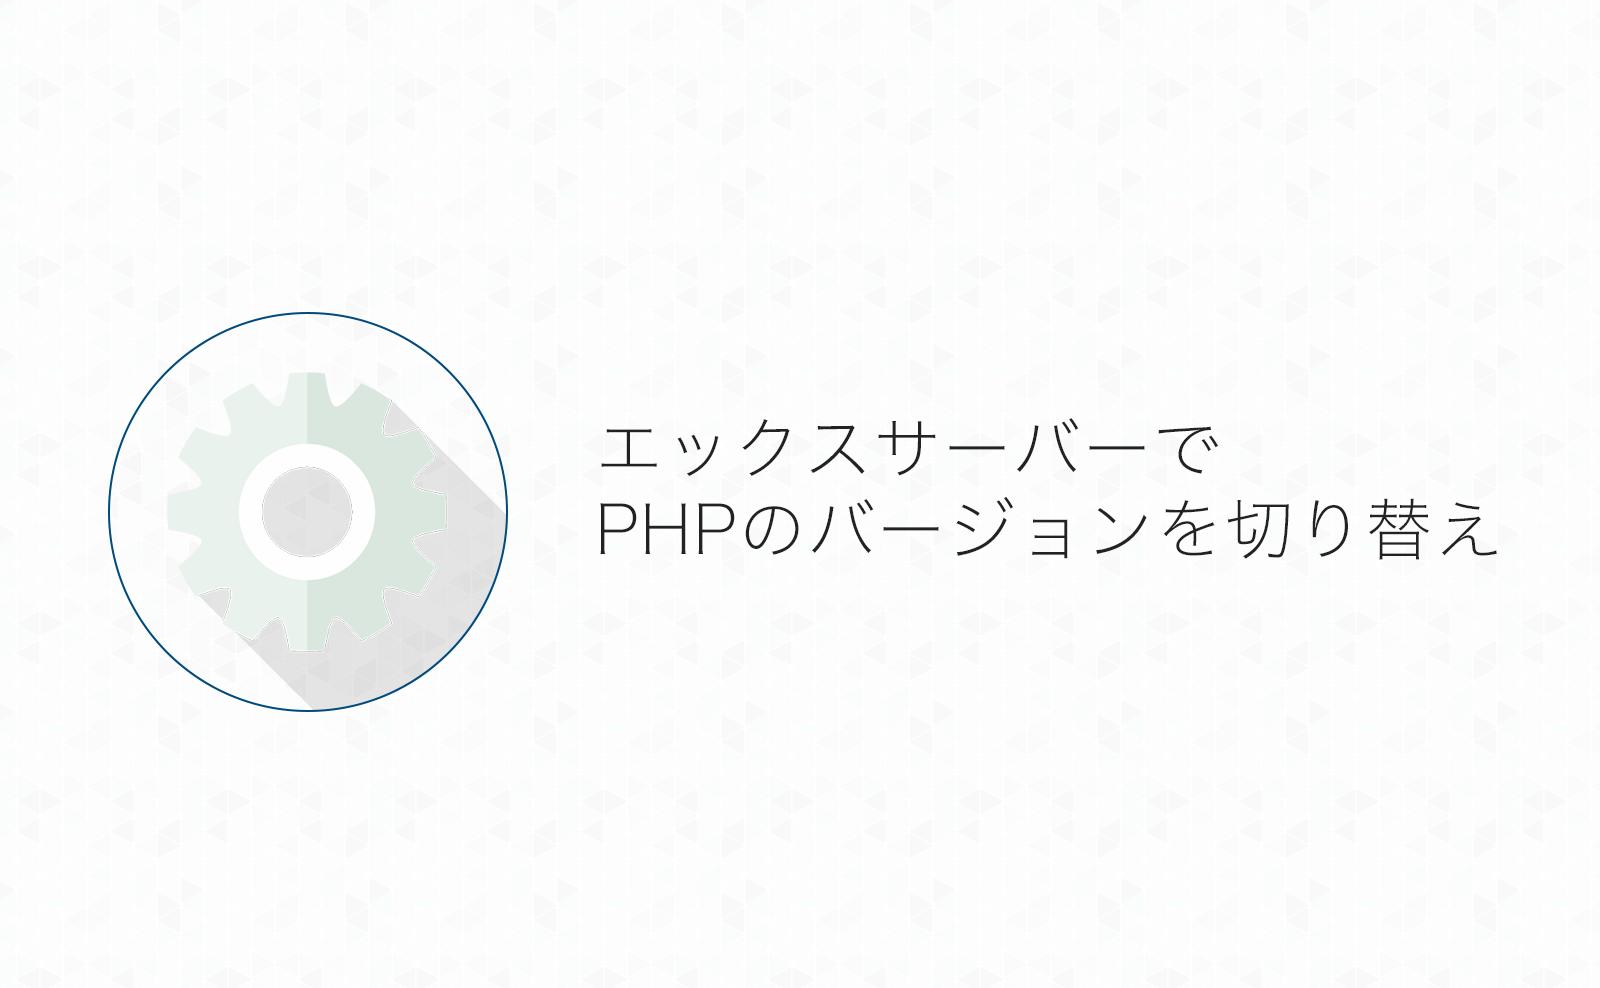 【エックスサーバー】サイトのPHPバージョンを変更する方法